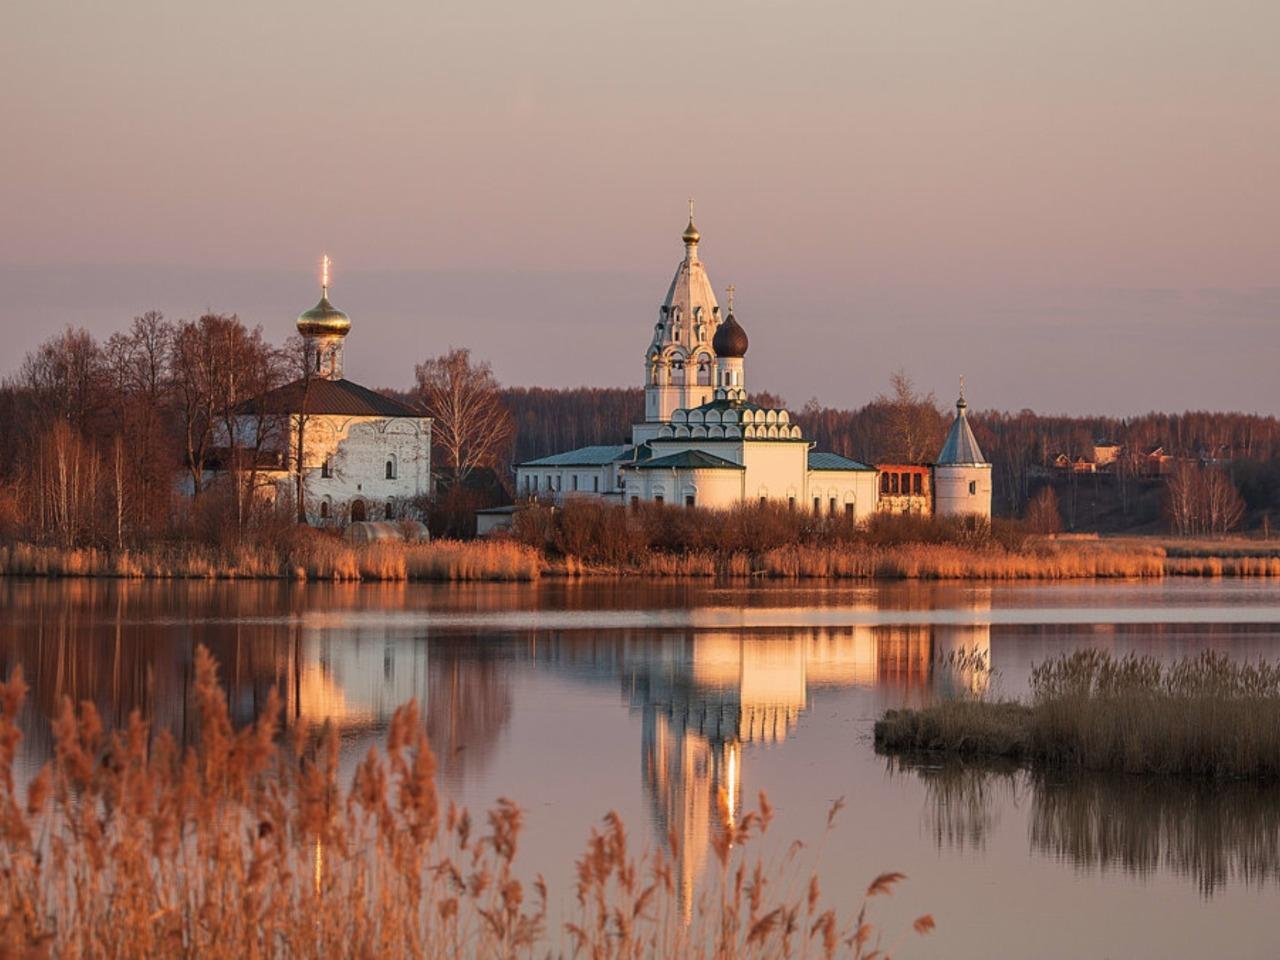 Павлово. Путешествие по Березополью - индивидуальная экскурсия по Нижнему Новгороду от опытного гида